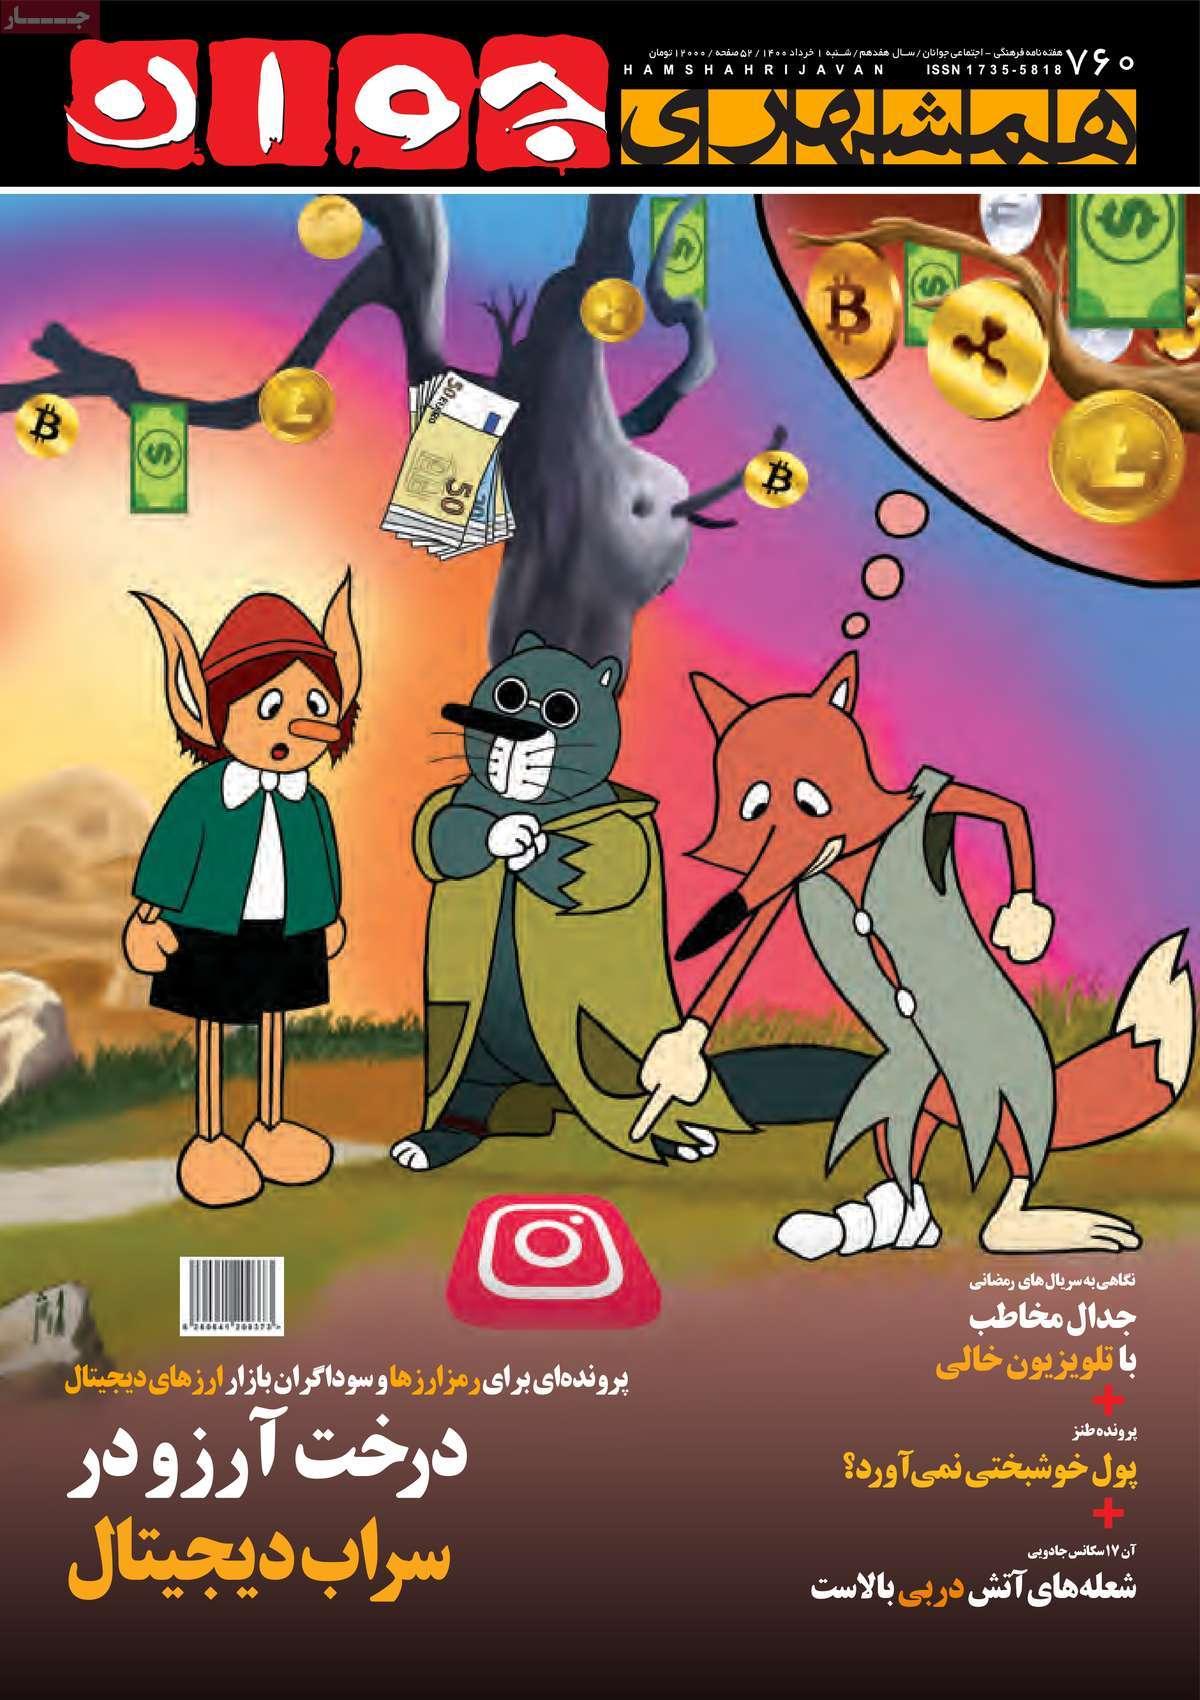 مجله همشهری جوان